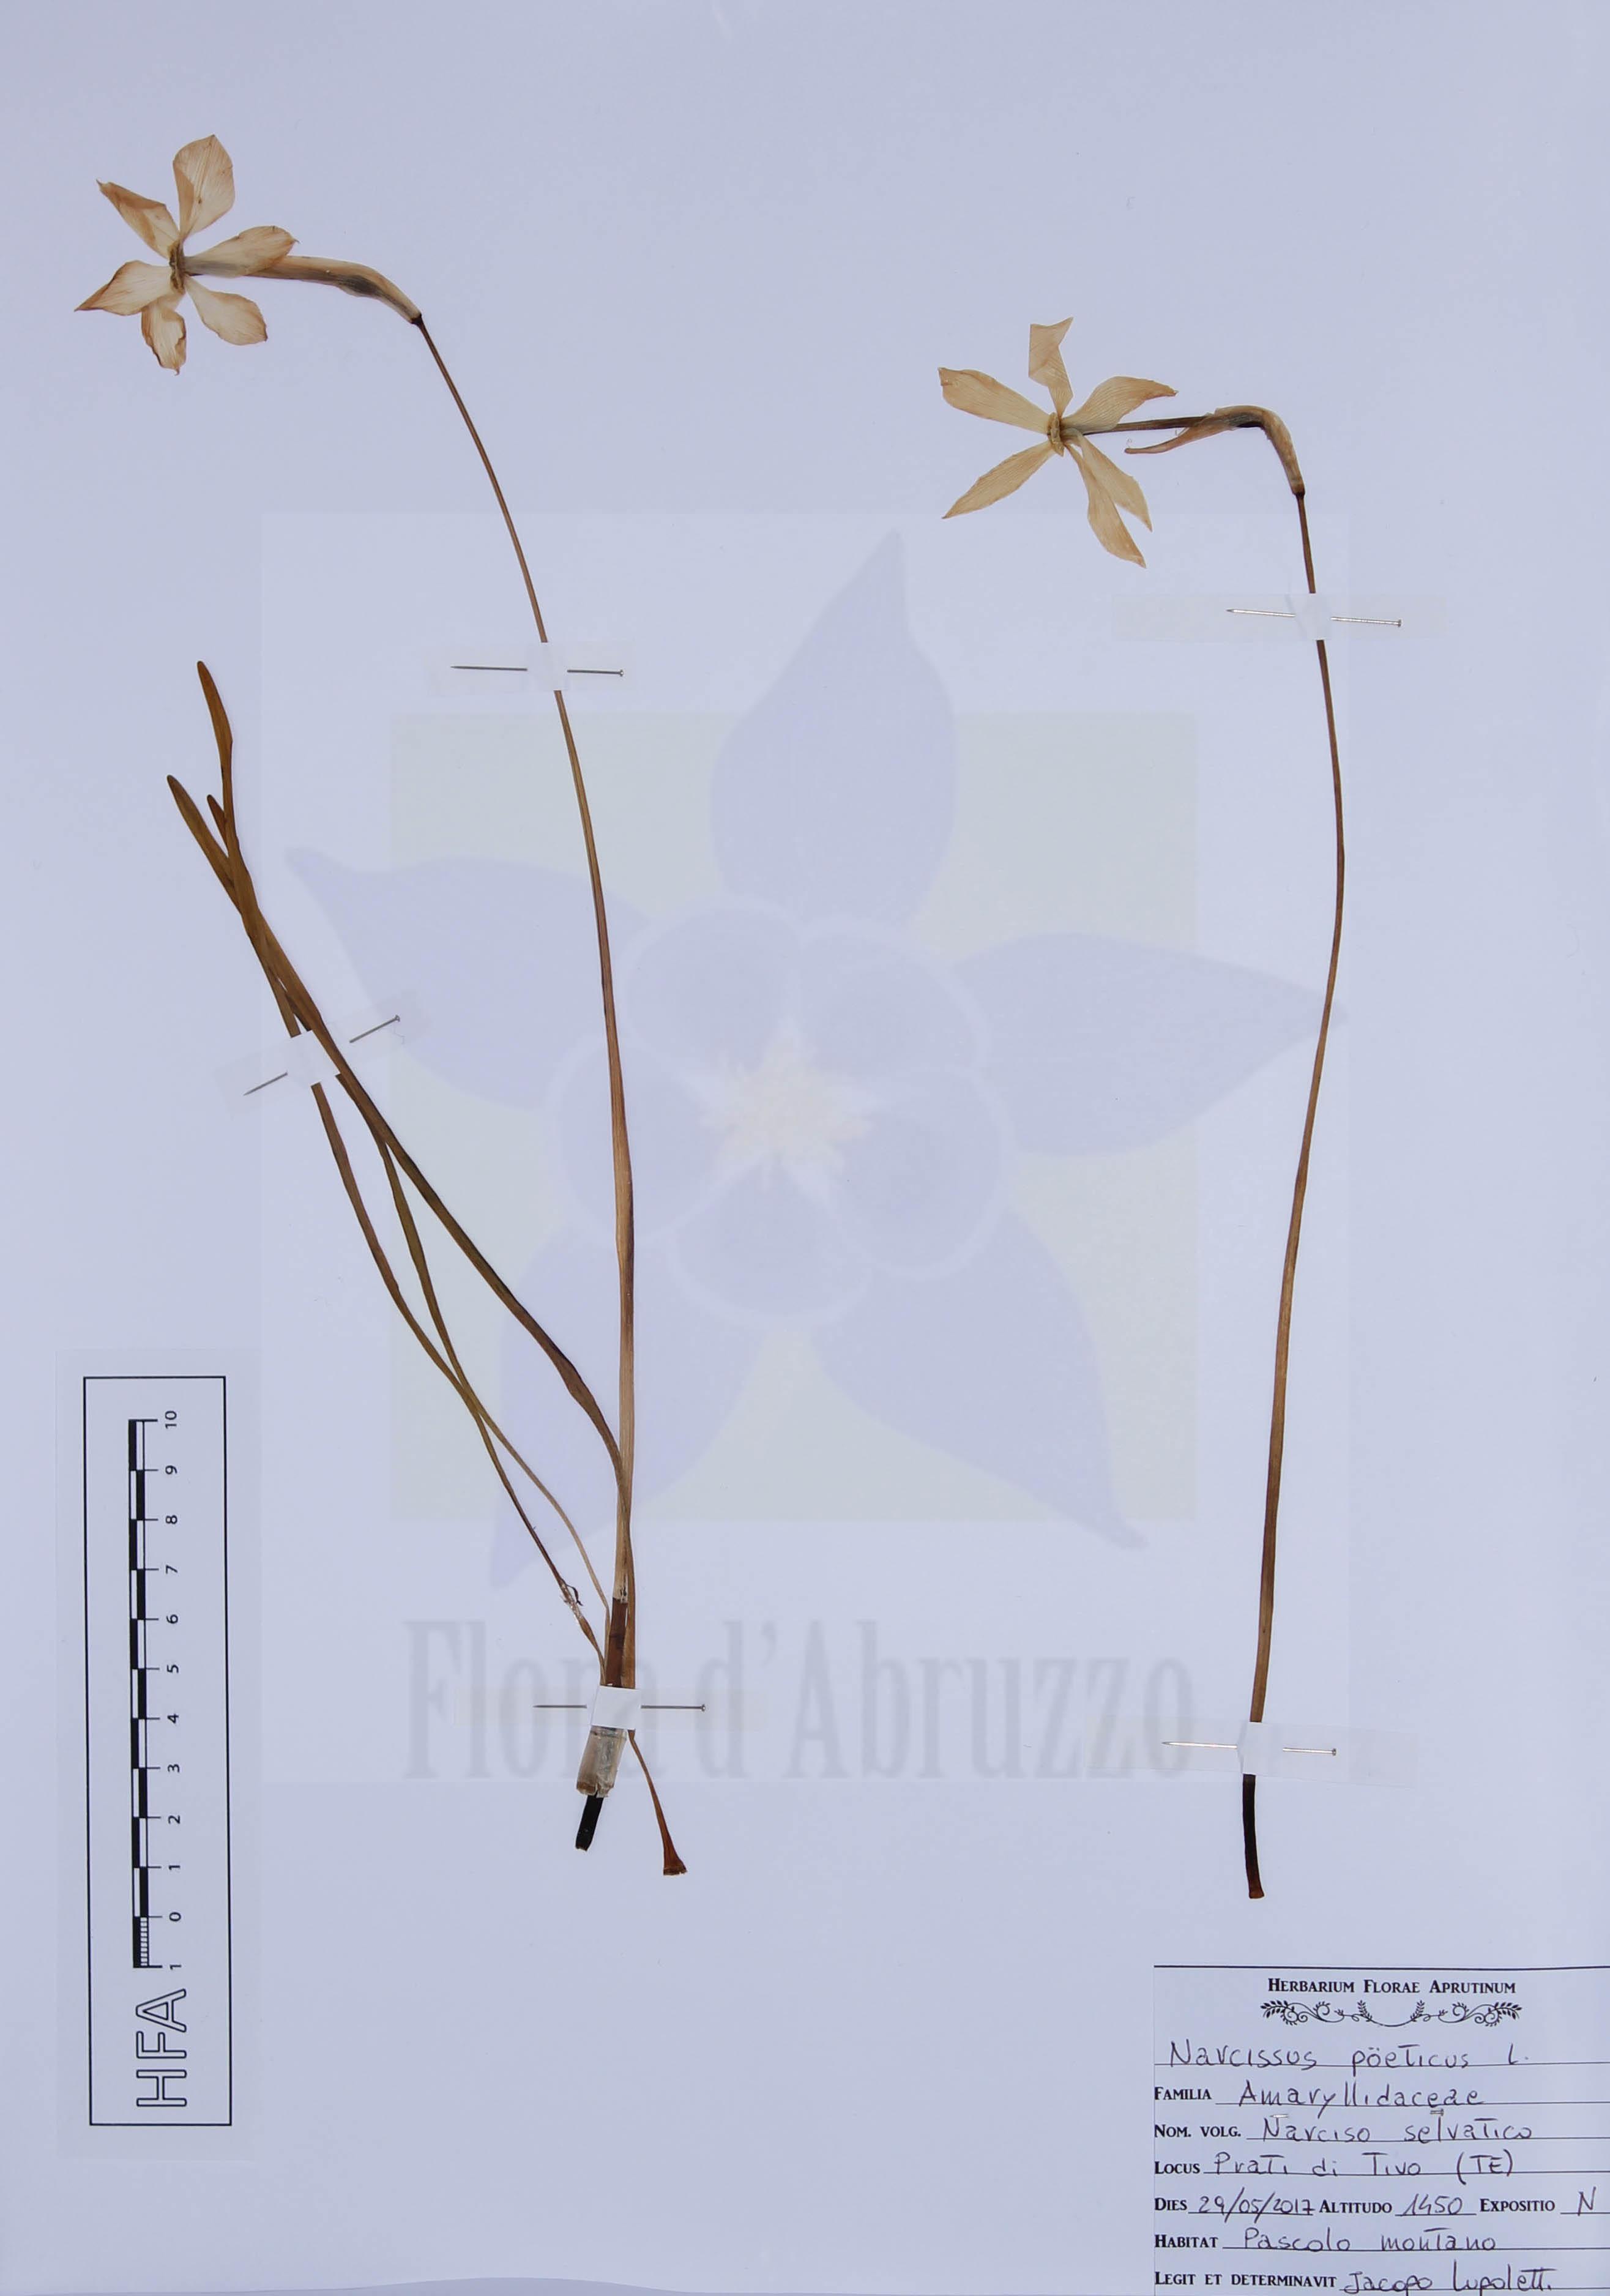 Narcissus poeticus L